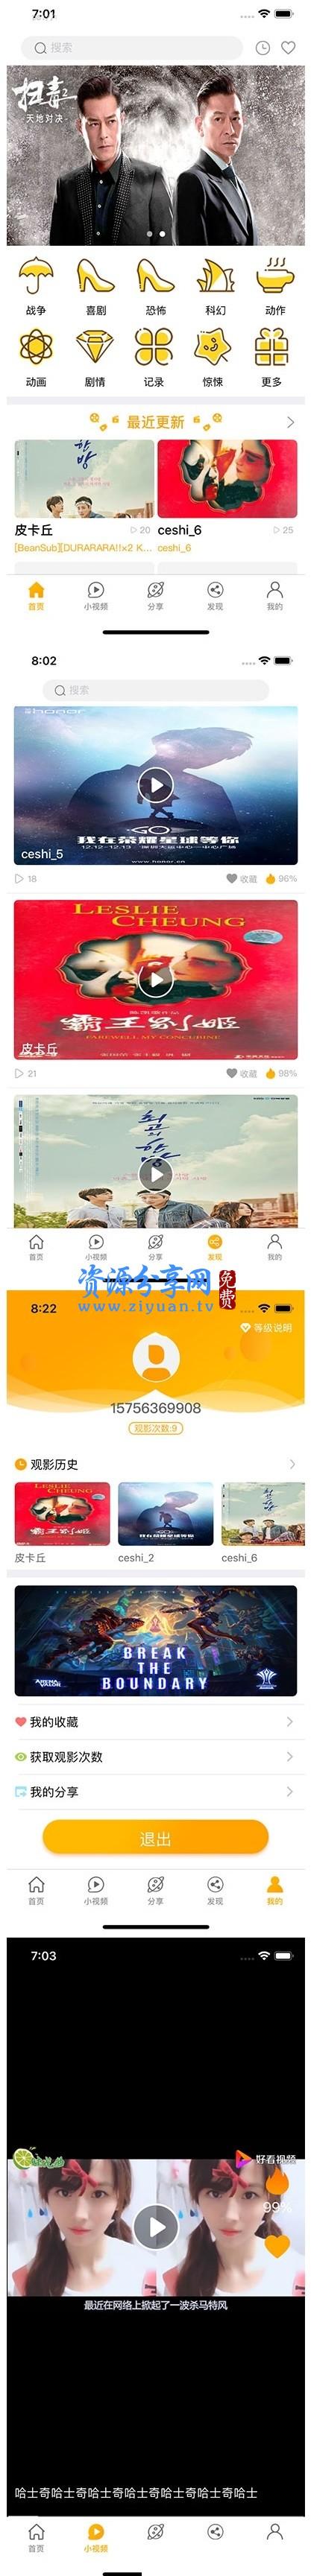 新版香蕉视频 APP 安卓苹果原生双端源码